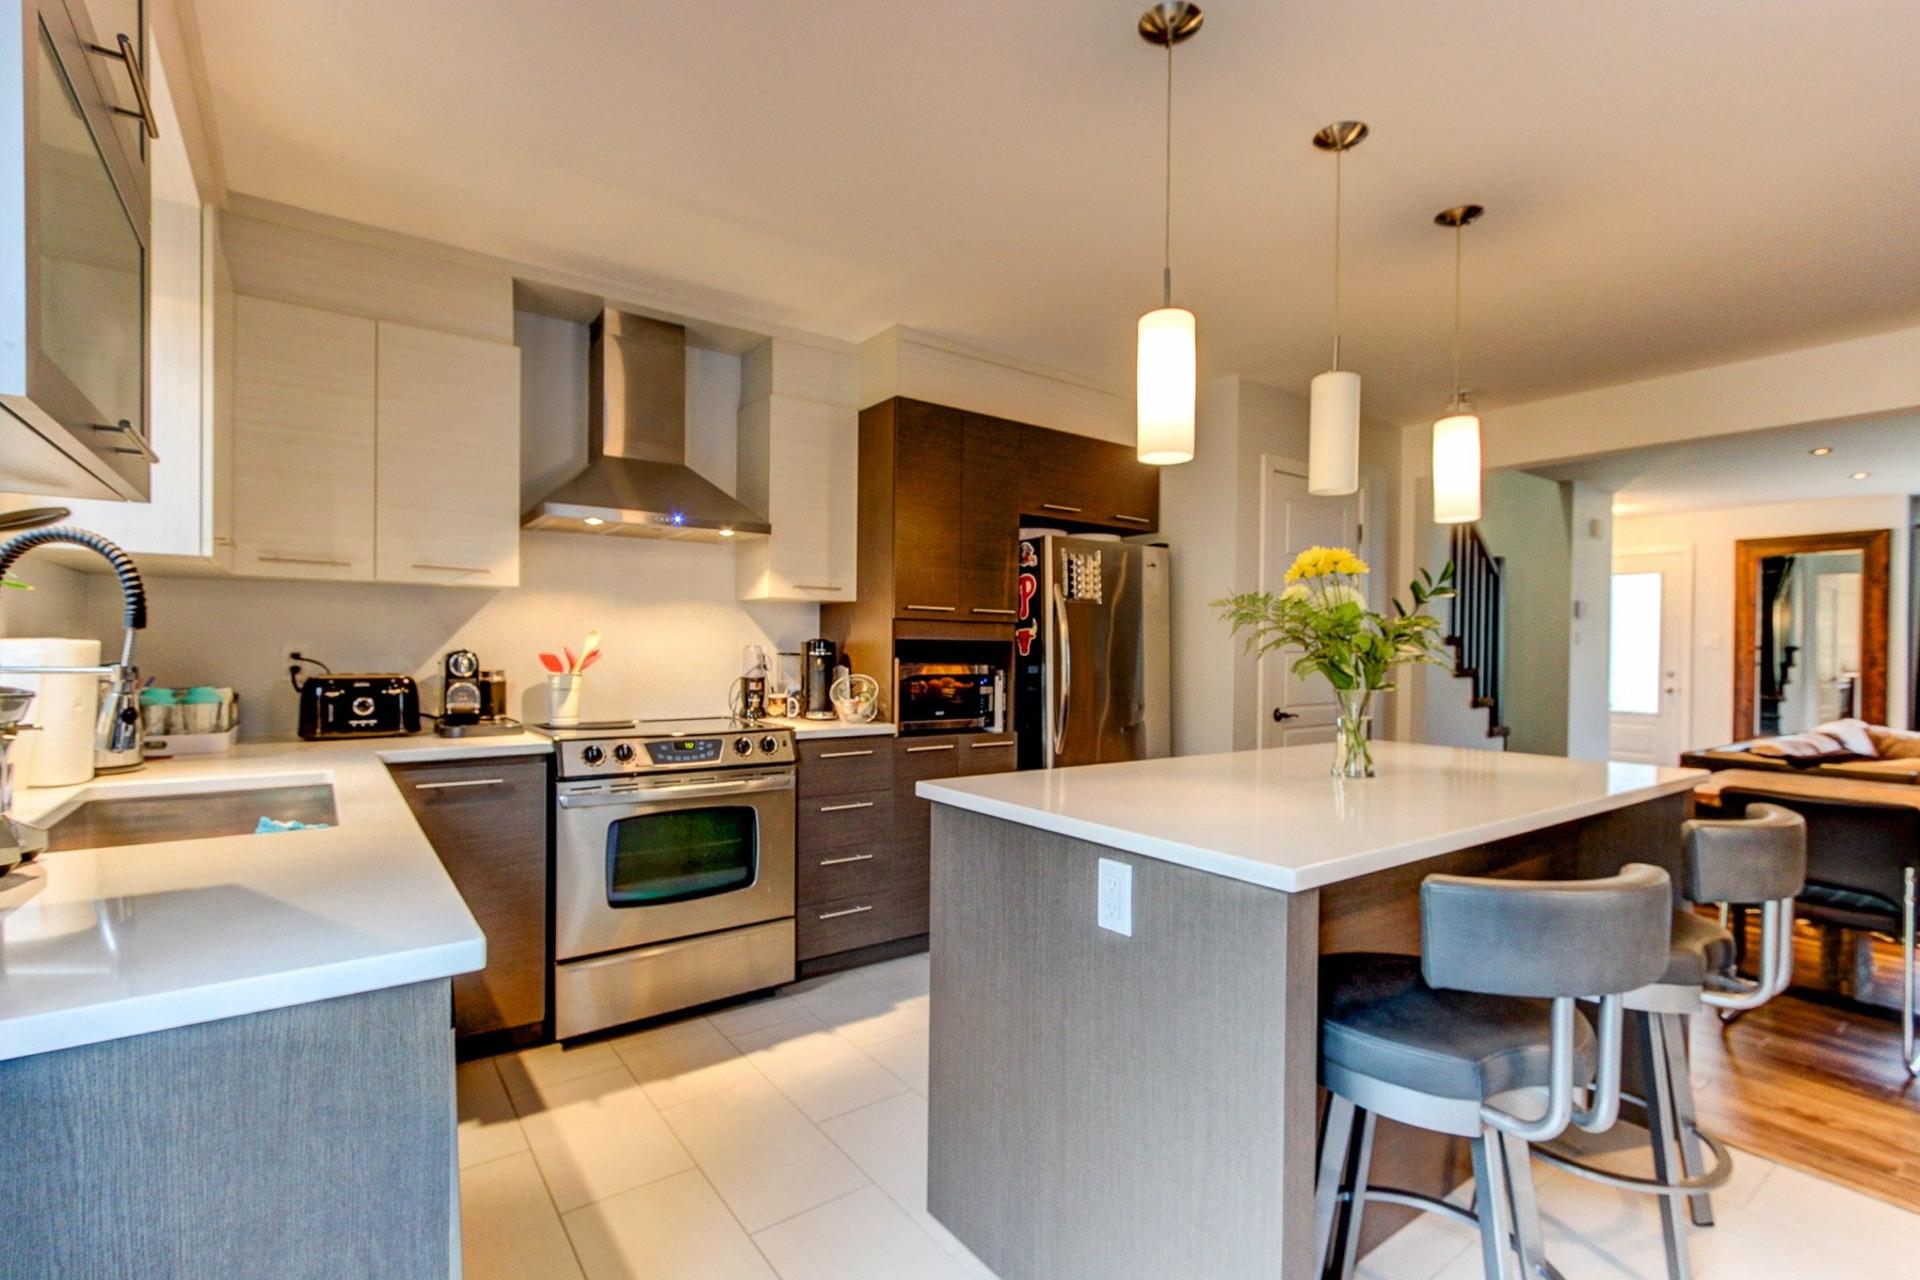 image 1 - Apartment For sale Trois-Rivières - 7 rooms